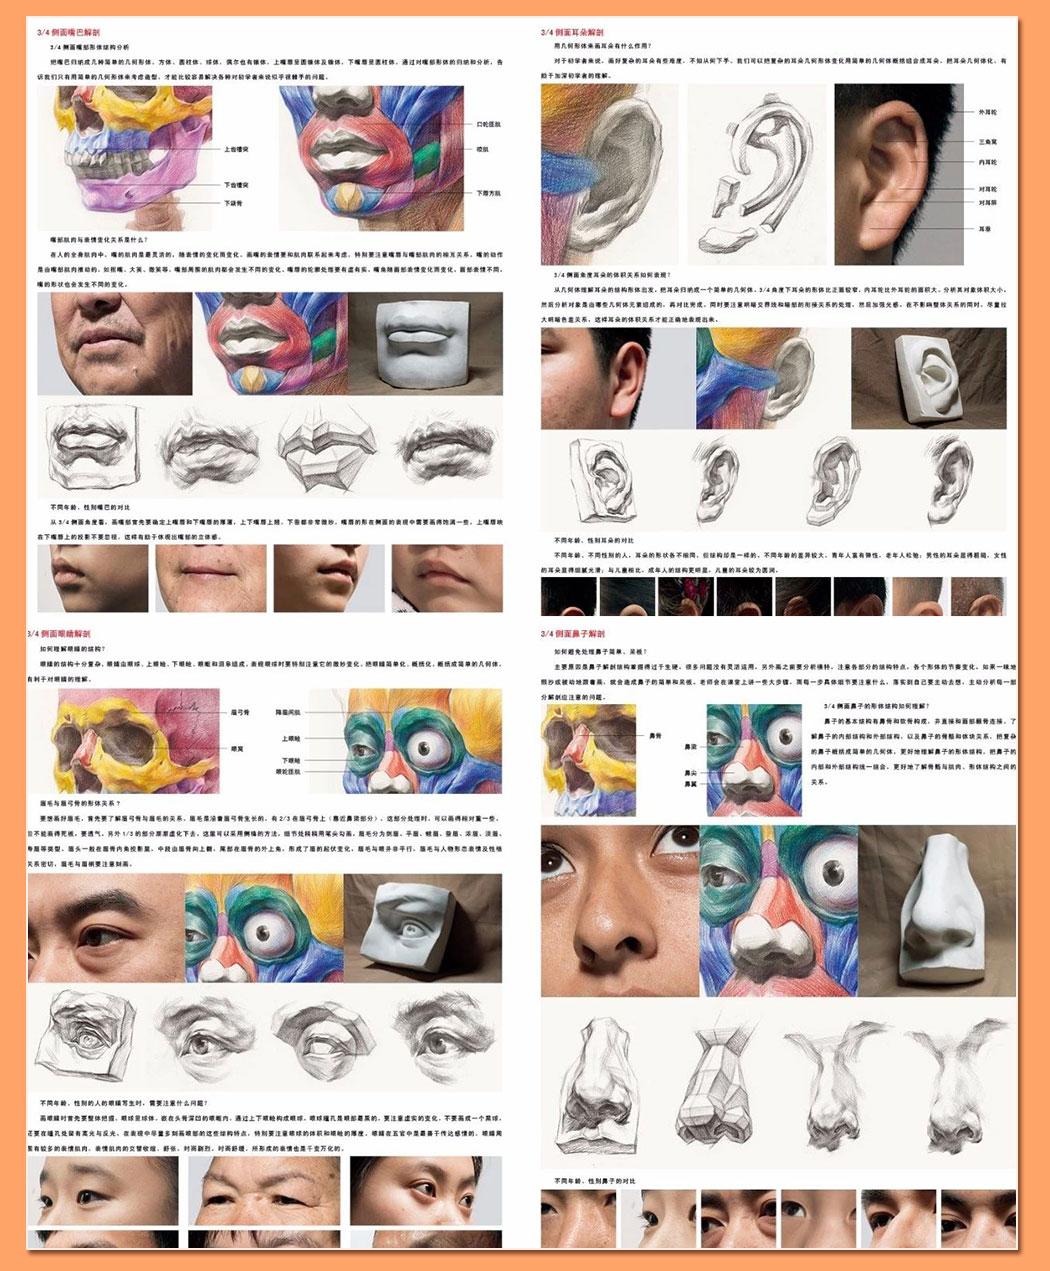 解剖素描头像_10.jpg